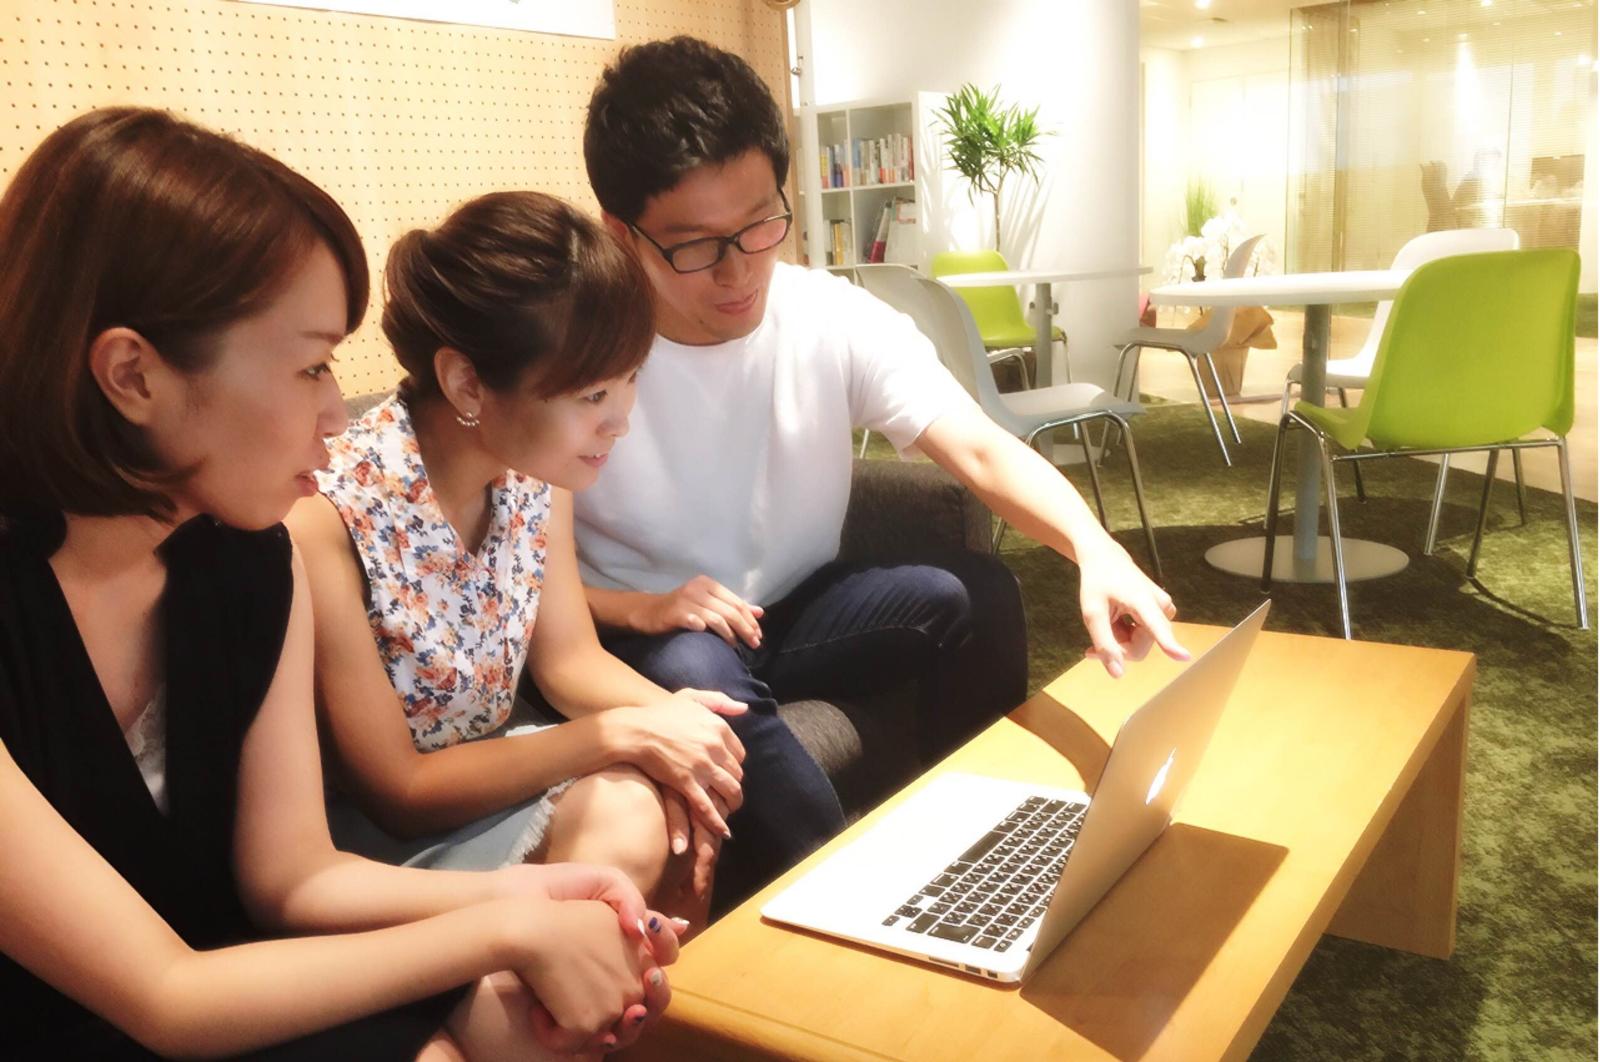 日本一のクラシファイドサービスと一緒に圧倒的な成長を実現したいAndroidエンジニア募集!